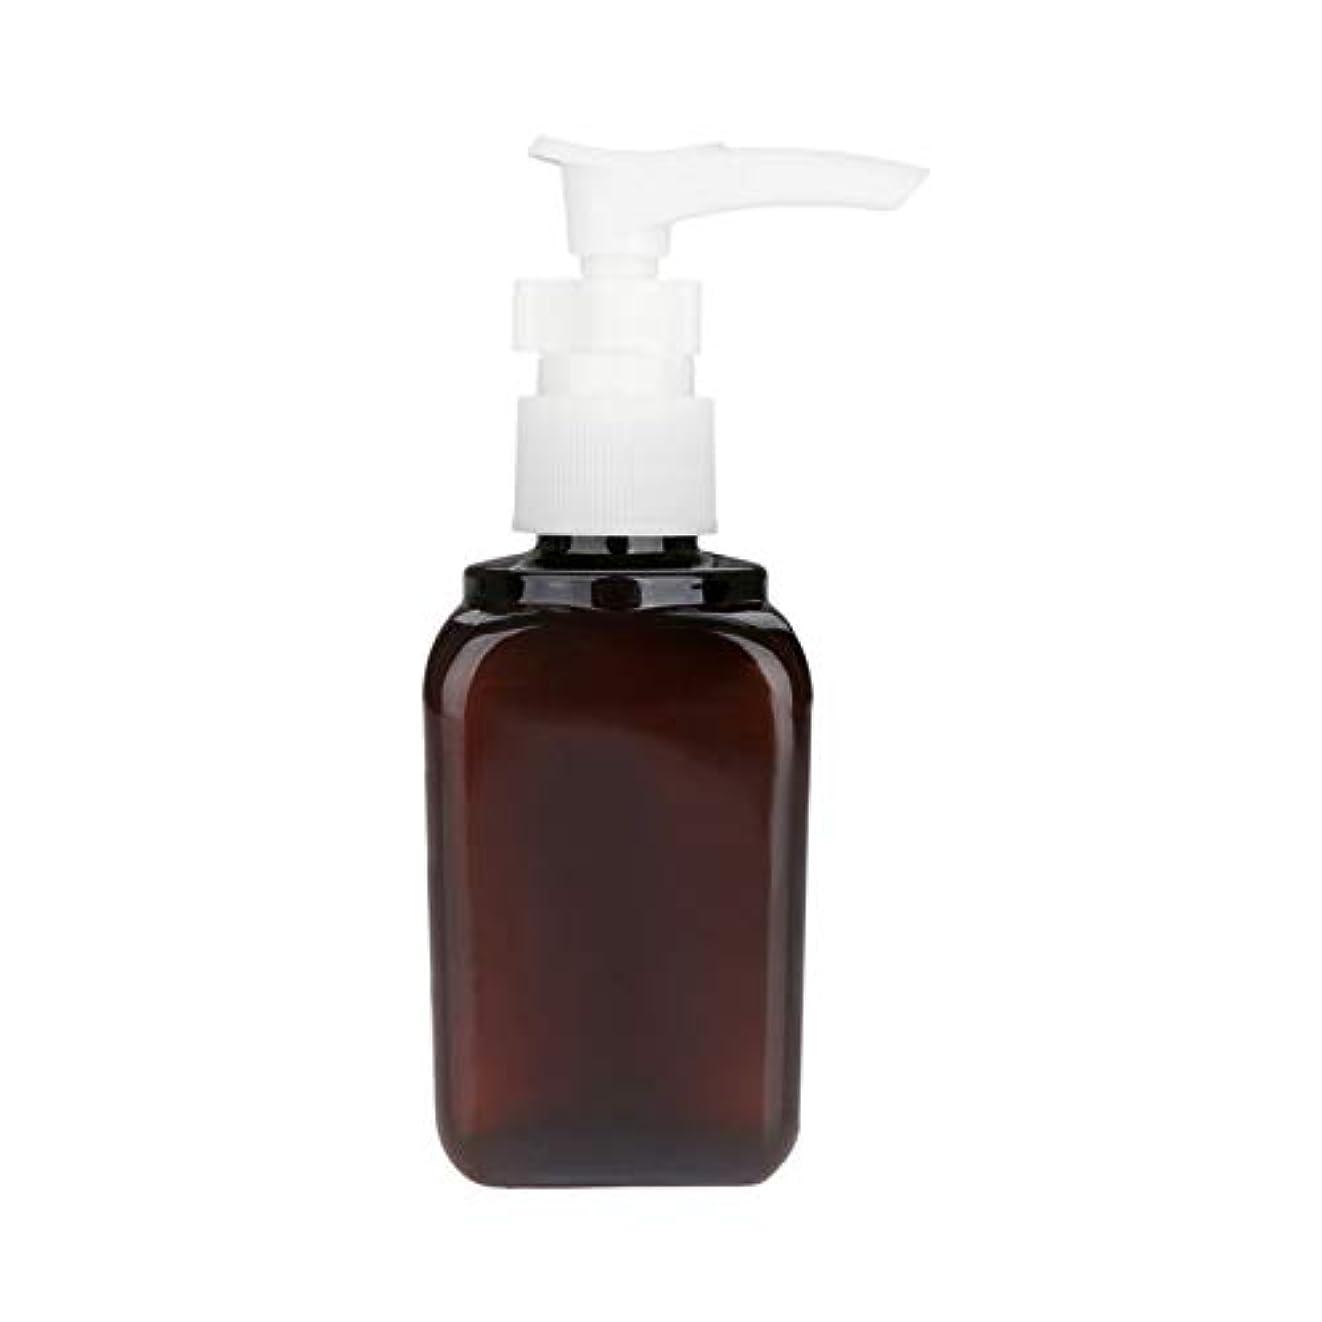 後エラーみ1本 押し式ボトル ポンプ瓶 ポンプボトル 遮光瓶 ドロップポンプ 泡立て 詰め替え シャンプーハンドソープ 茶色 PET製